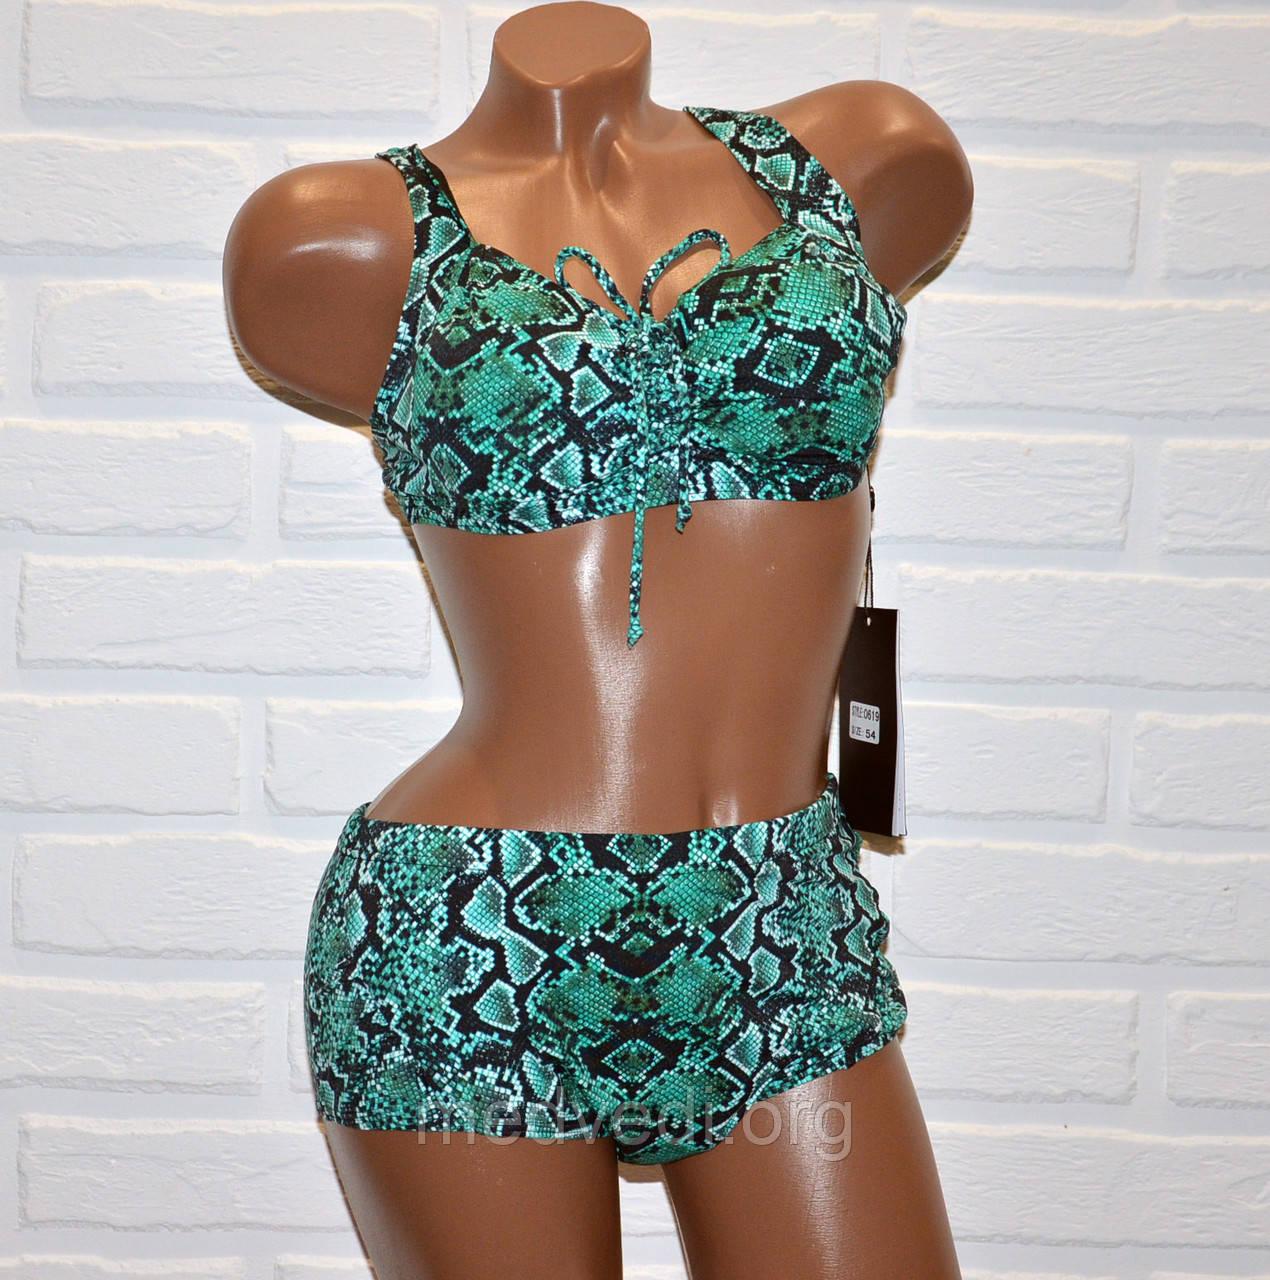 Большой 60 размер для пышных женщин, раздельный зеленый купальник батал, рисунок змеиная кожа, на шнуровке